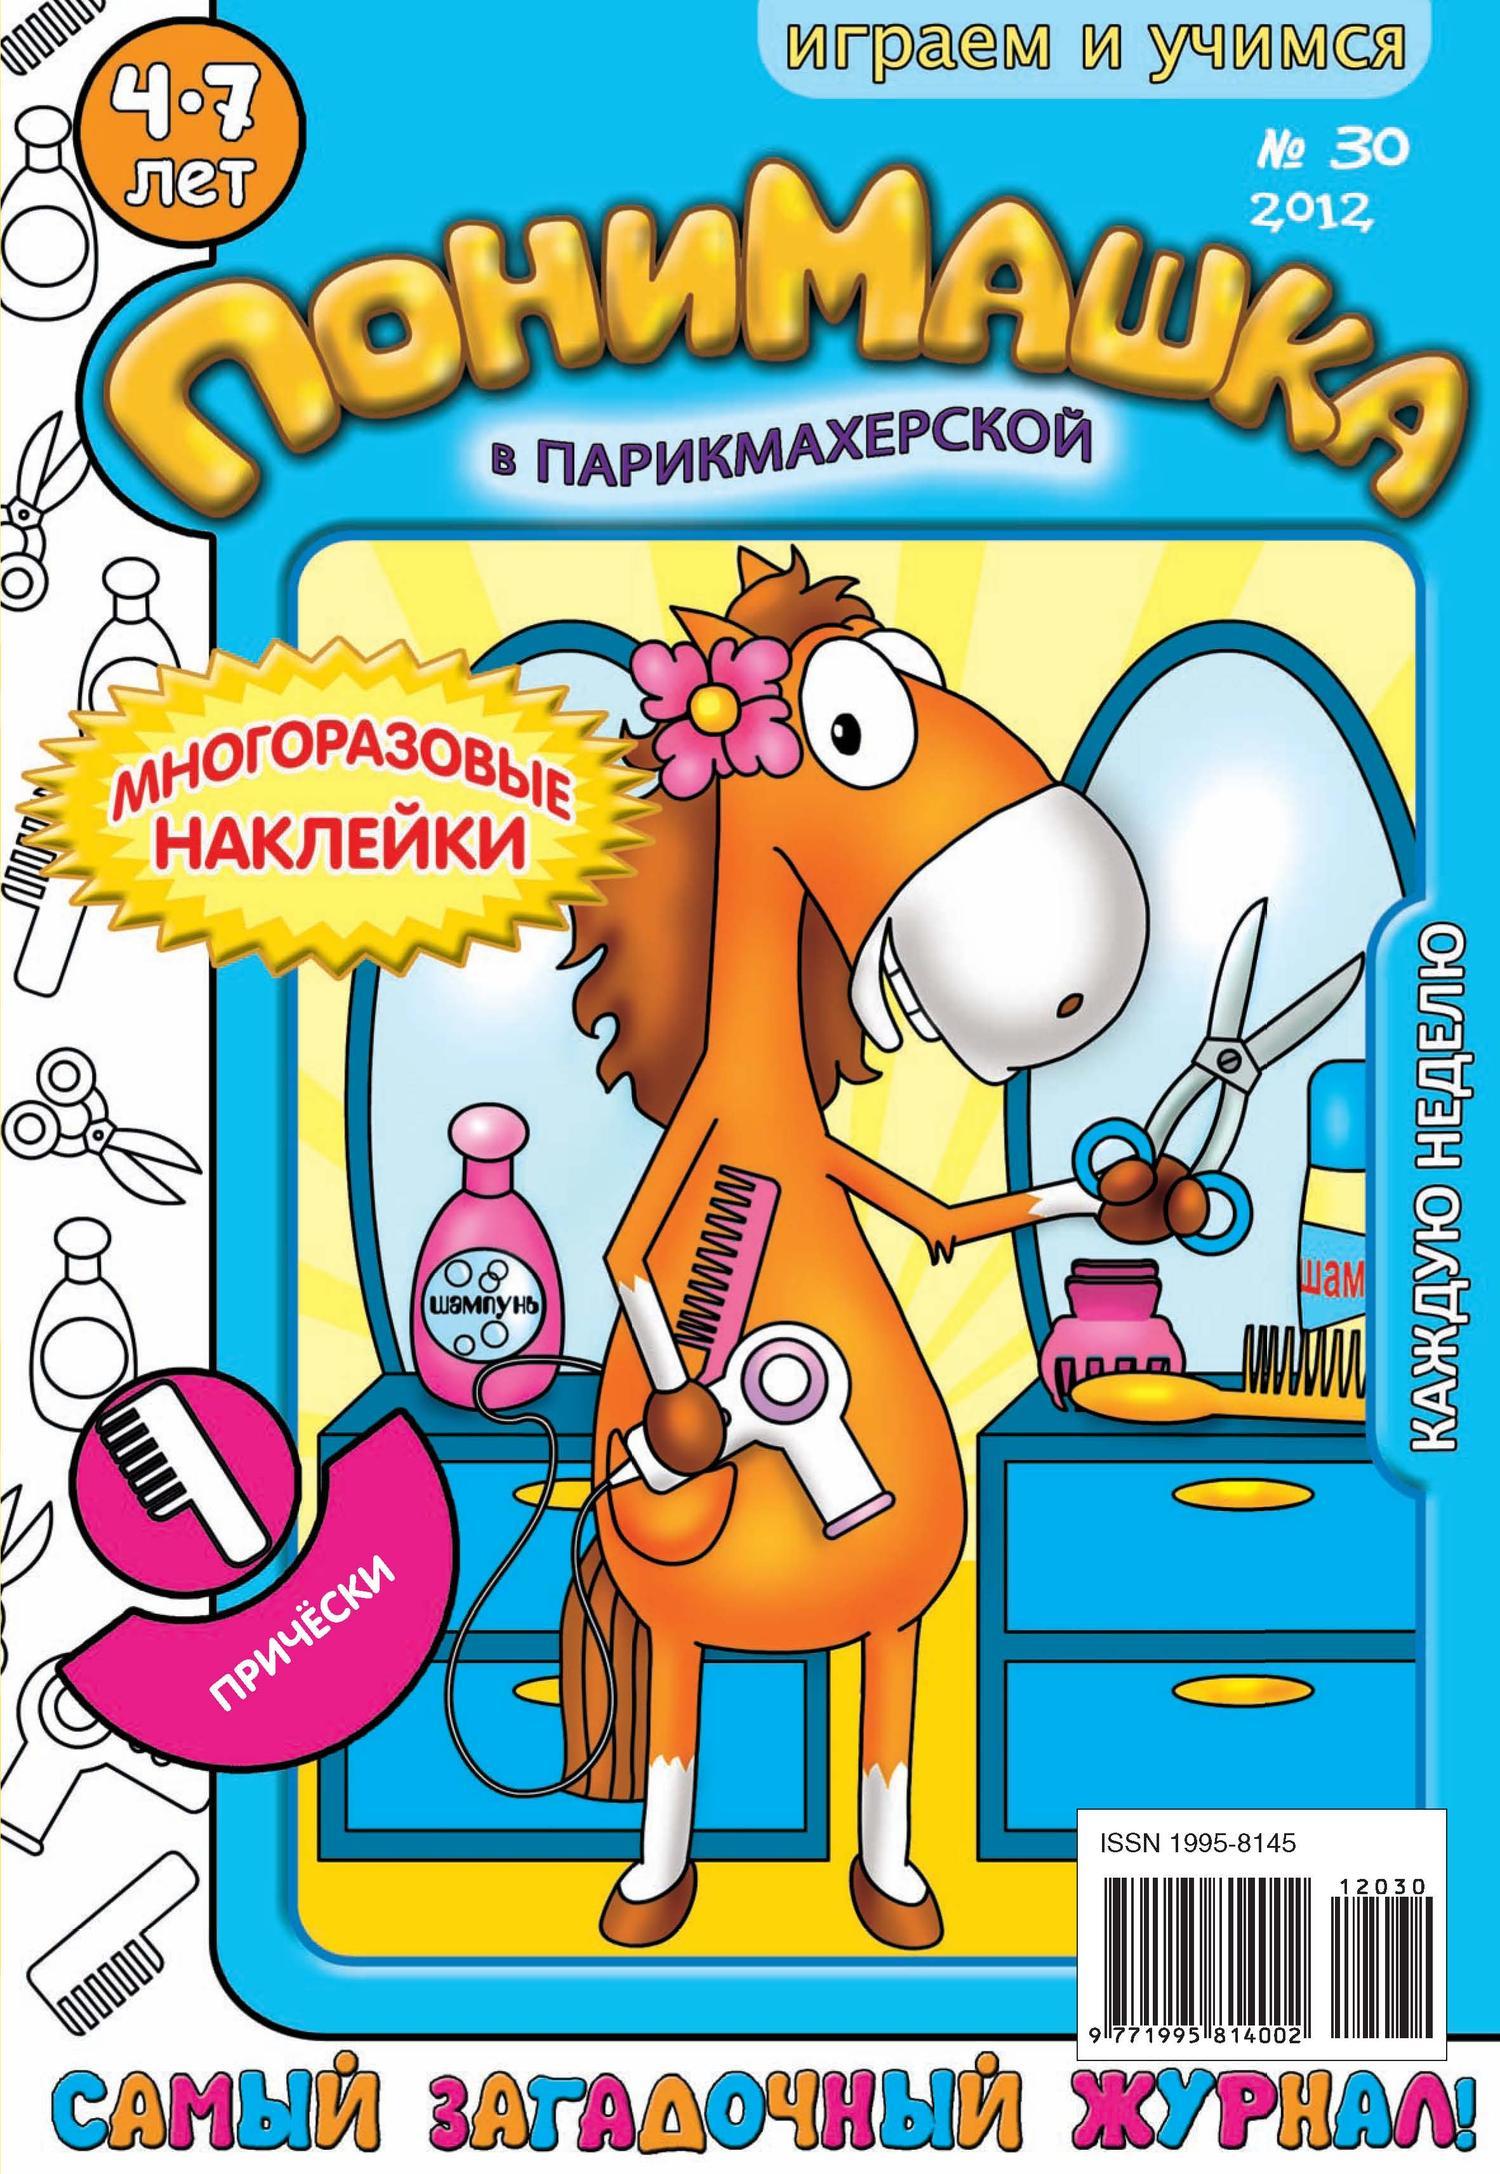 Открытые системы ПониМашка. Развлекательно-развивающий журнал. №30 (август) 2012